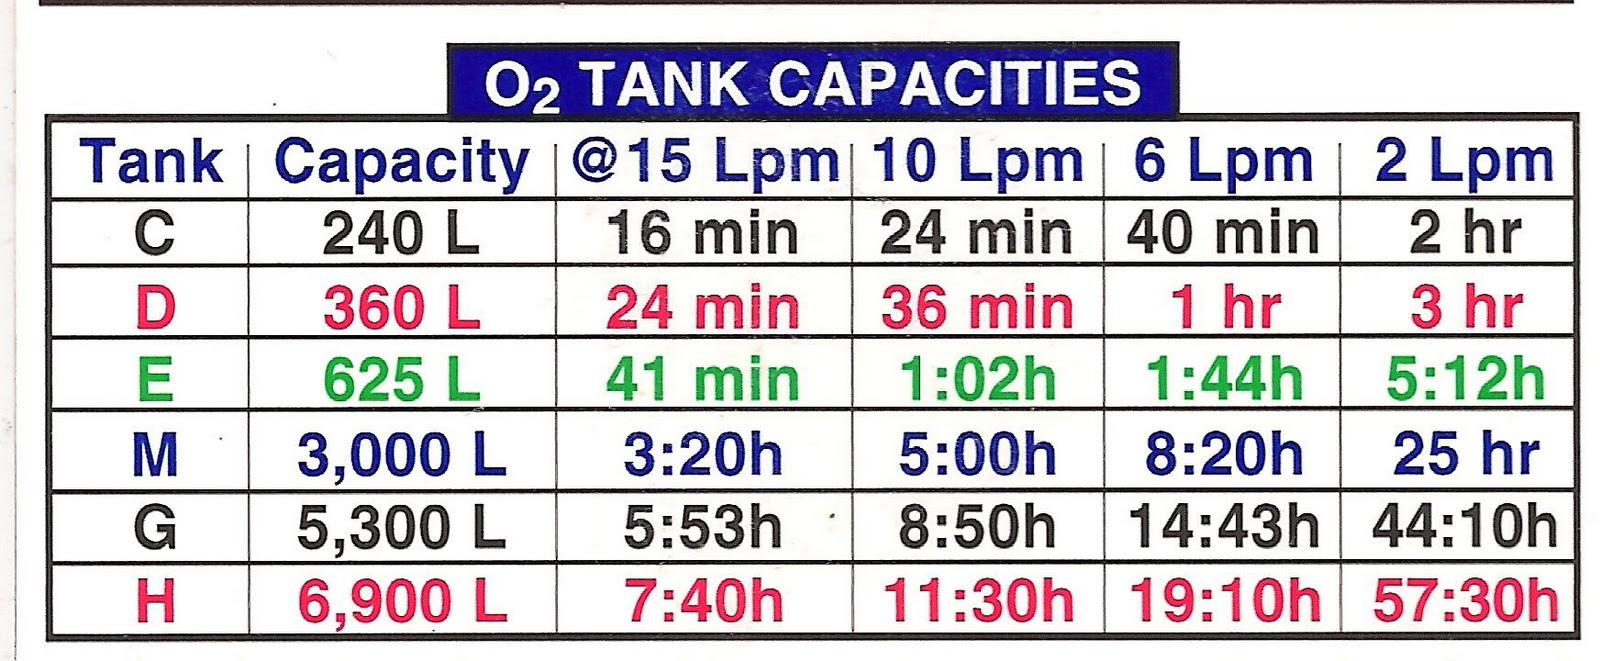 Ems solutions international cuanto durar el o2 oxigeno for Diferencia entre tanque y estanque